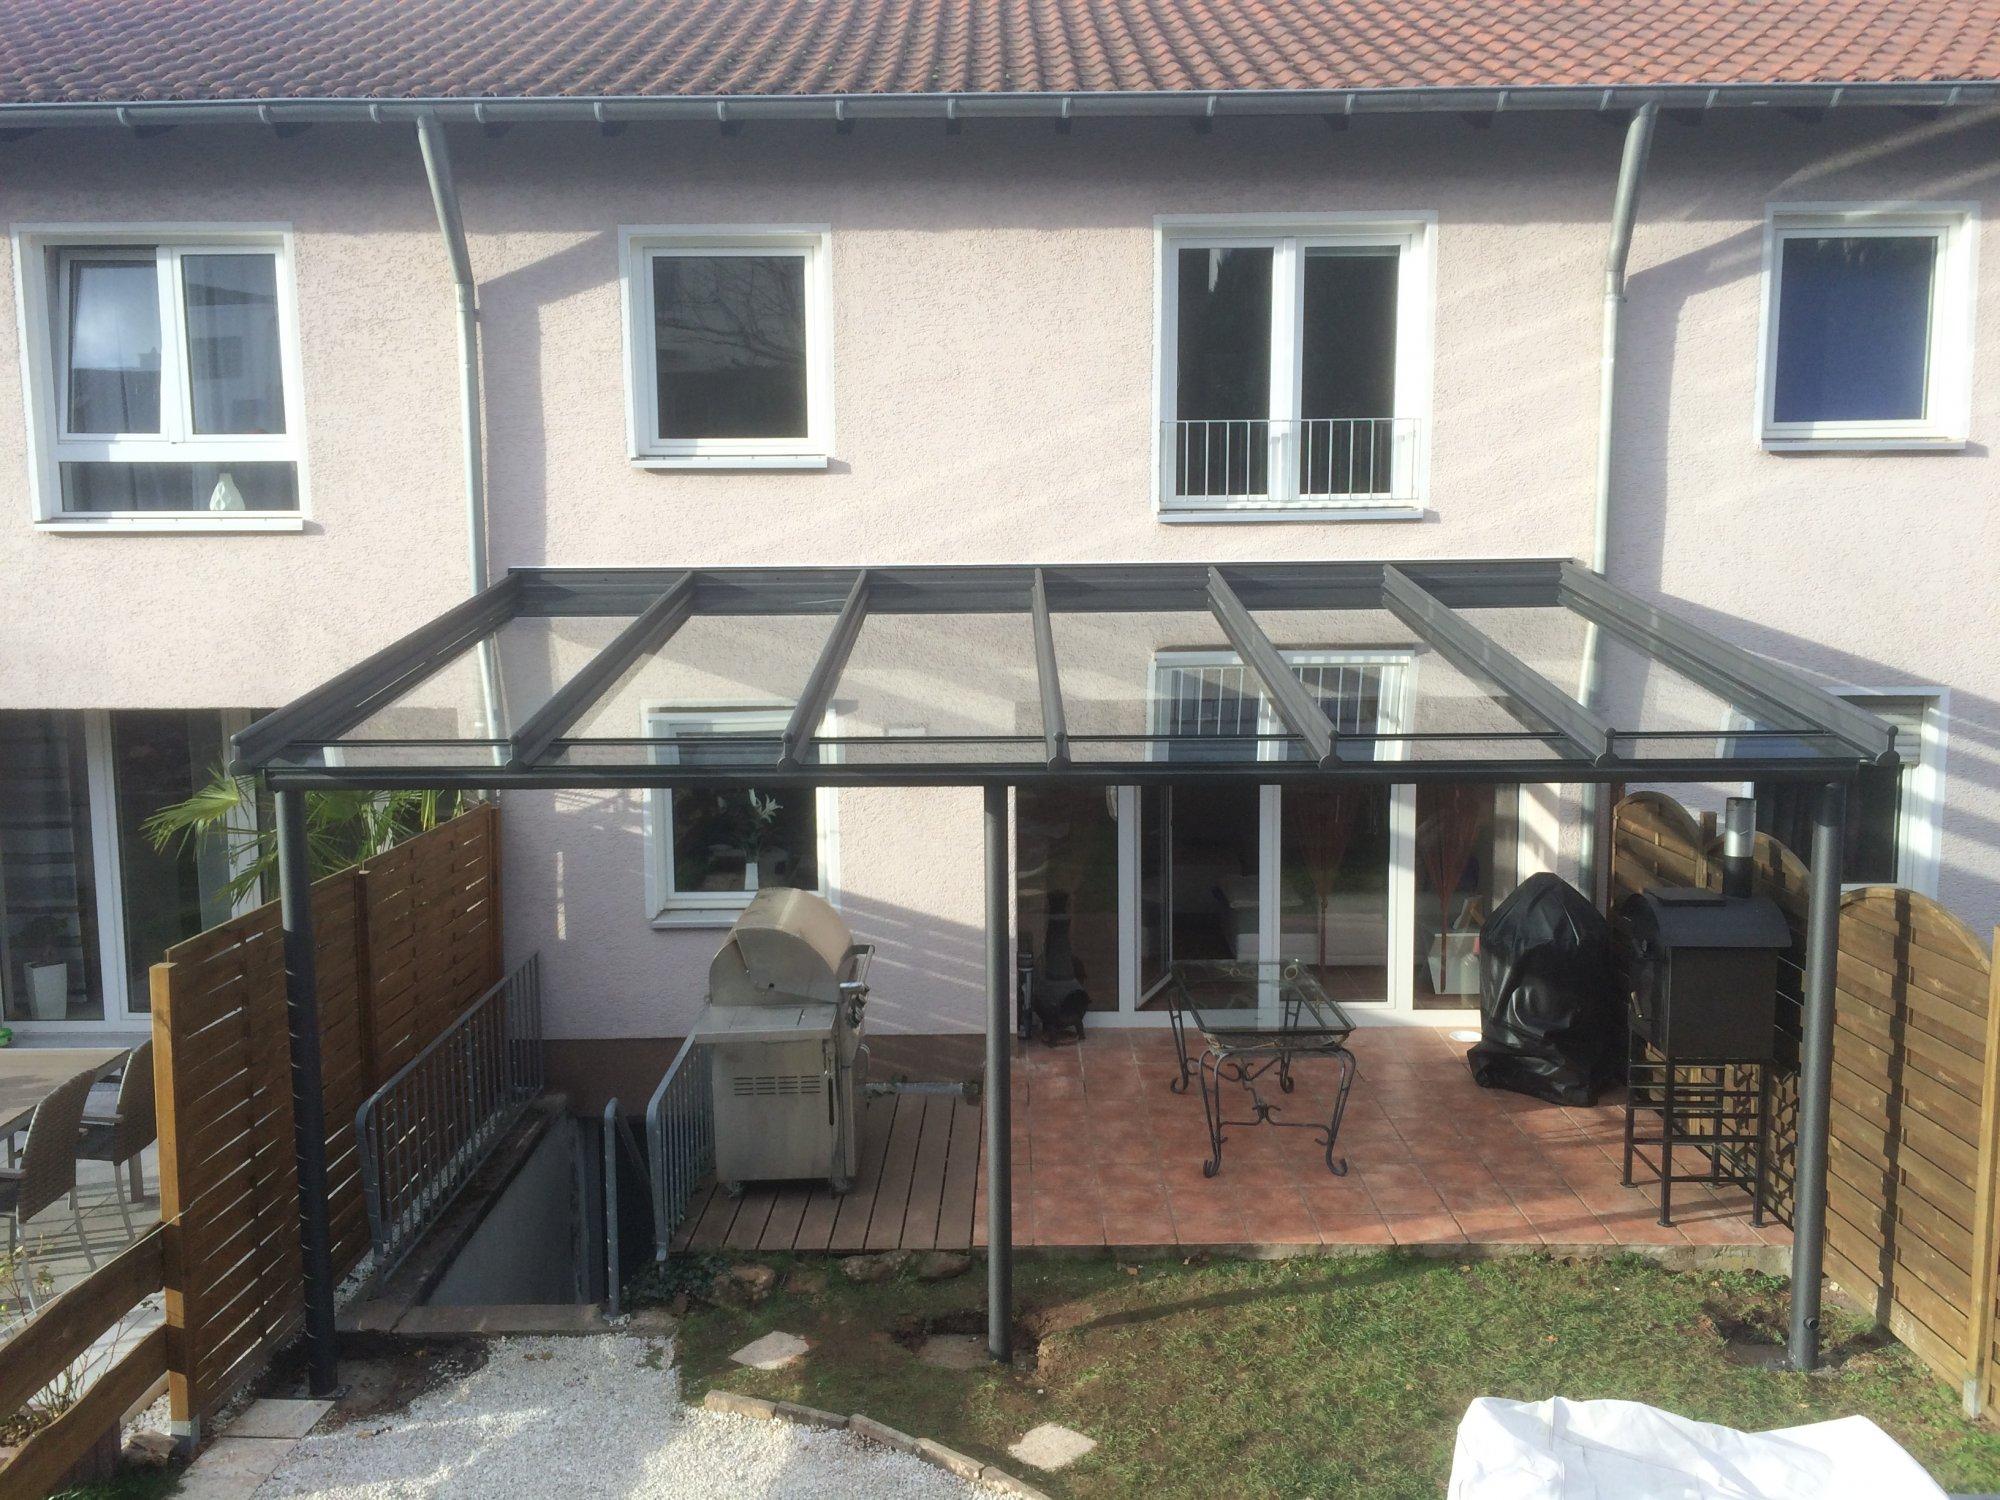 Outdoor Küche Grillsportverein : Outdoorküche 2. bauabschnitt fertig : erweiterung terrassenfläche